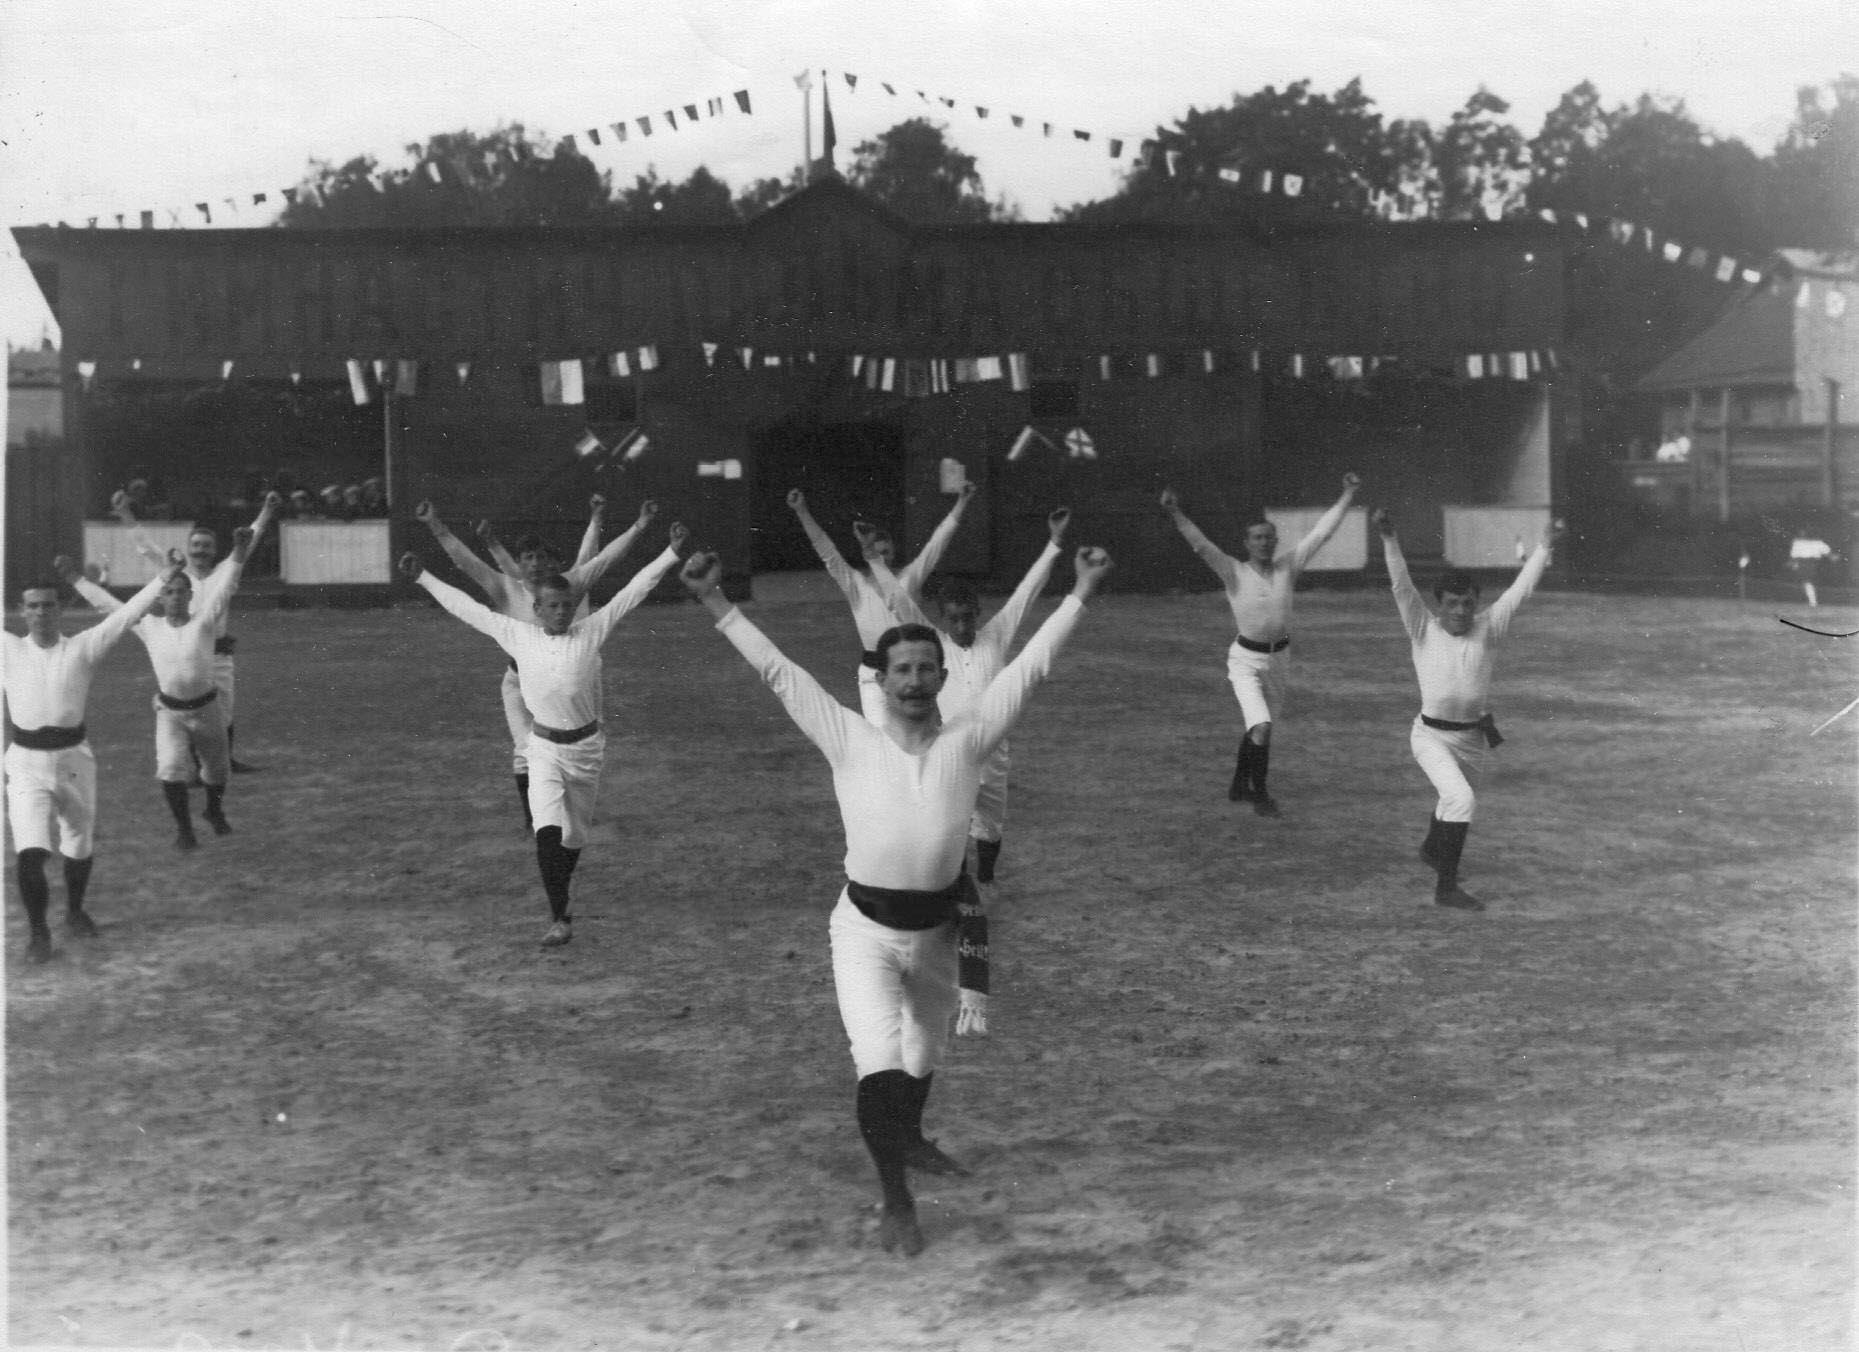 Группа членов Гимнастического общества «Пальма» делает упражнения на спортивной площадке